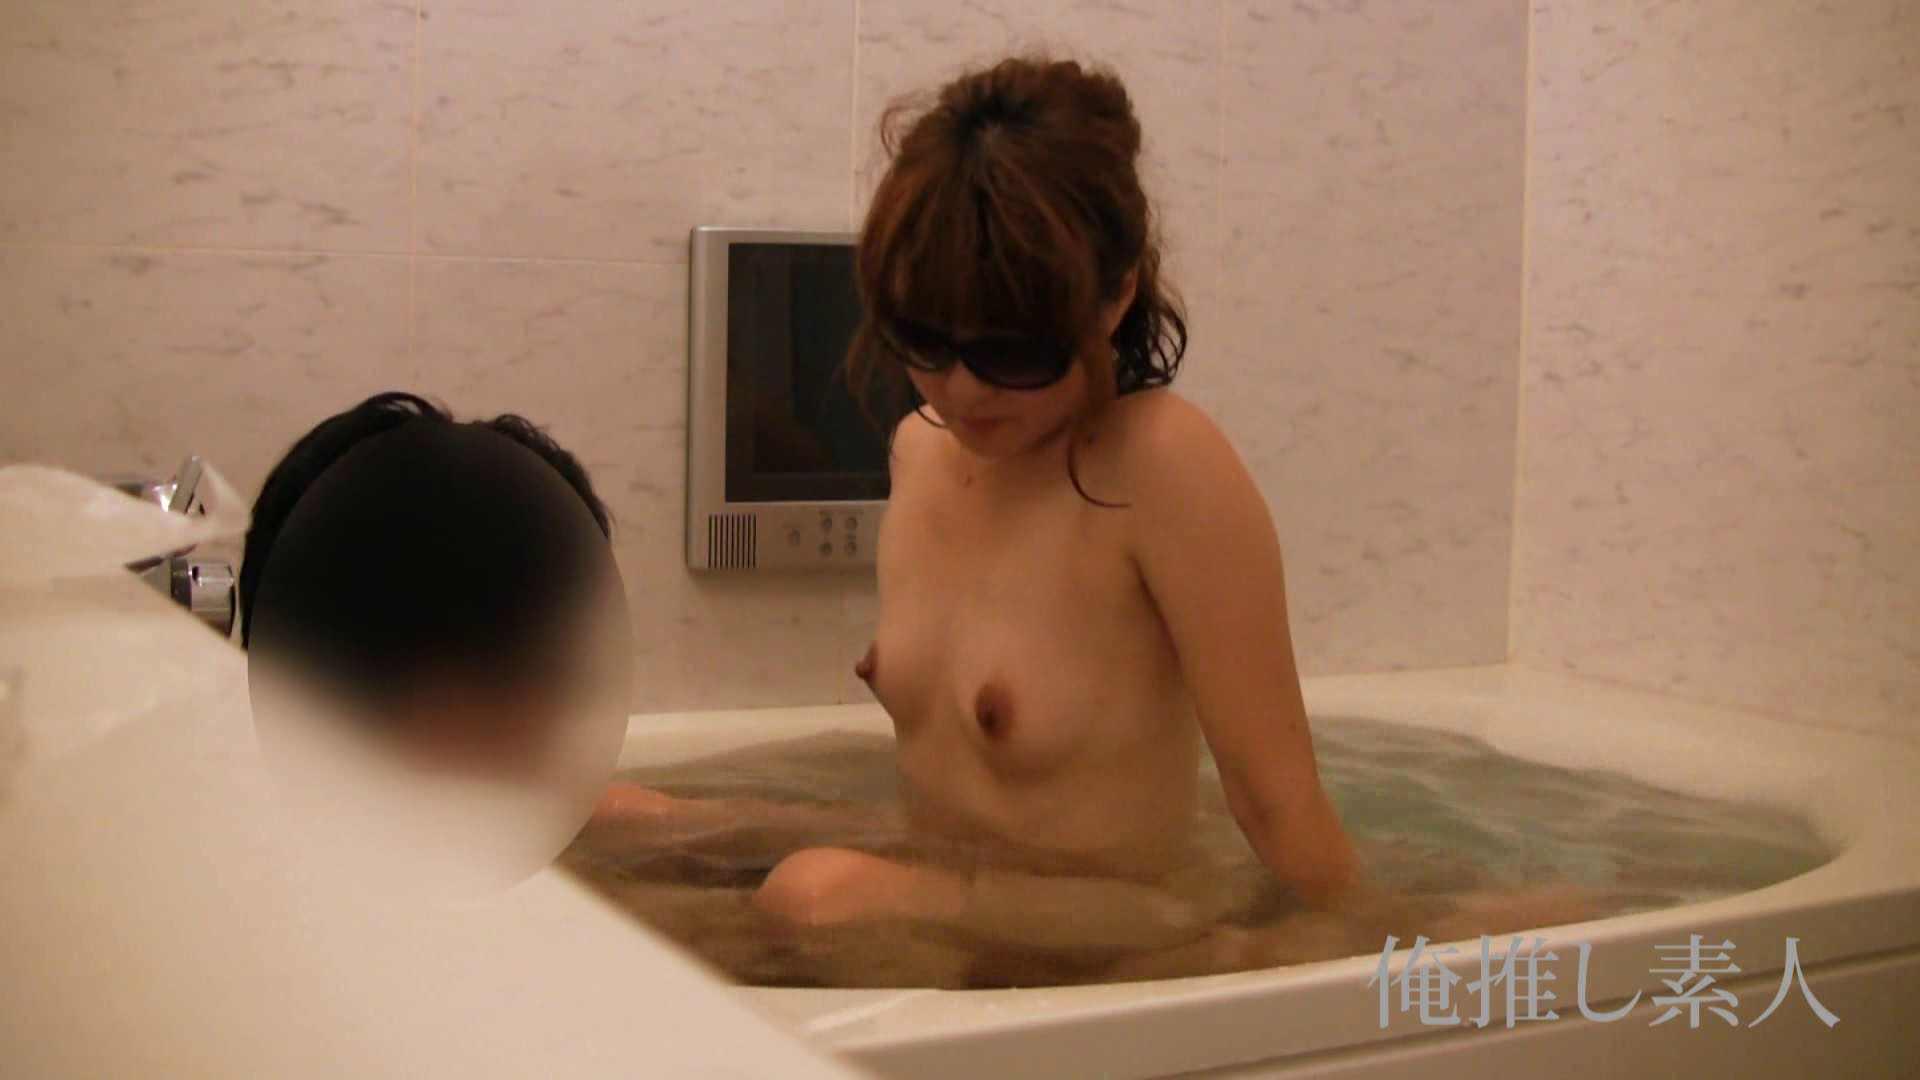 俺推し素人 キャバクラ嬢26歳久美vol4 HなOL オメコ無修正動画無料 91pic 46